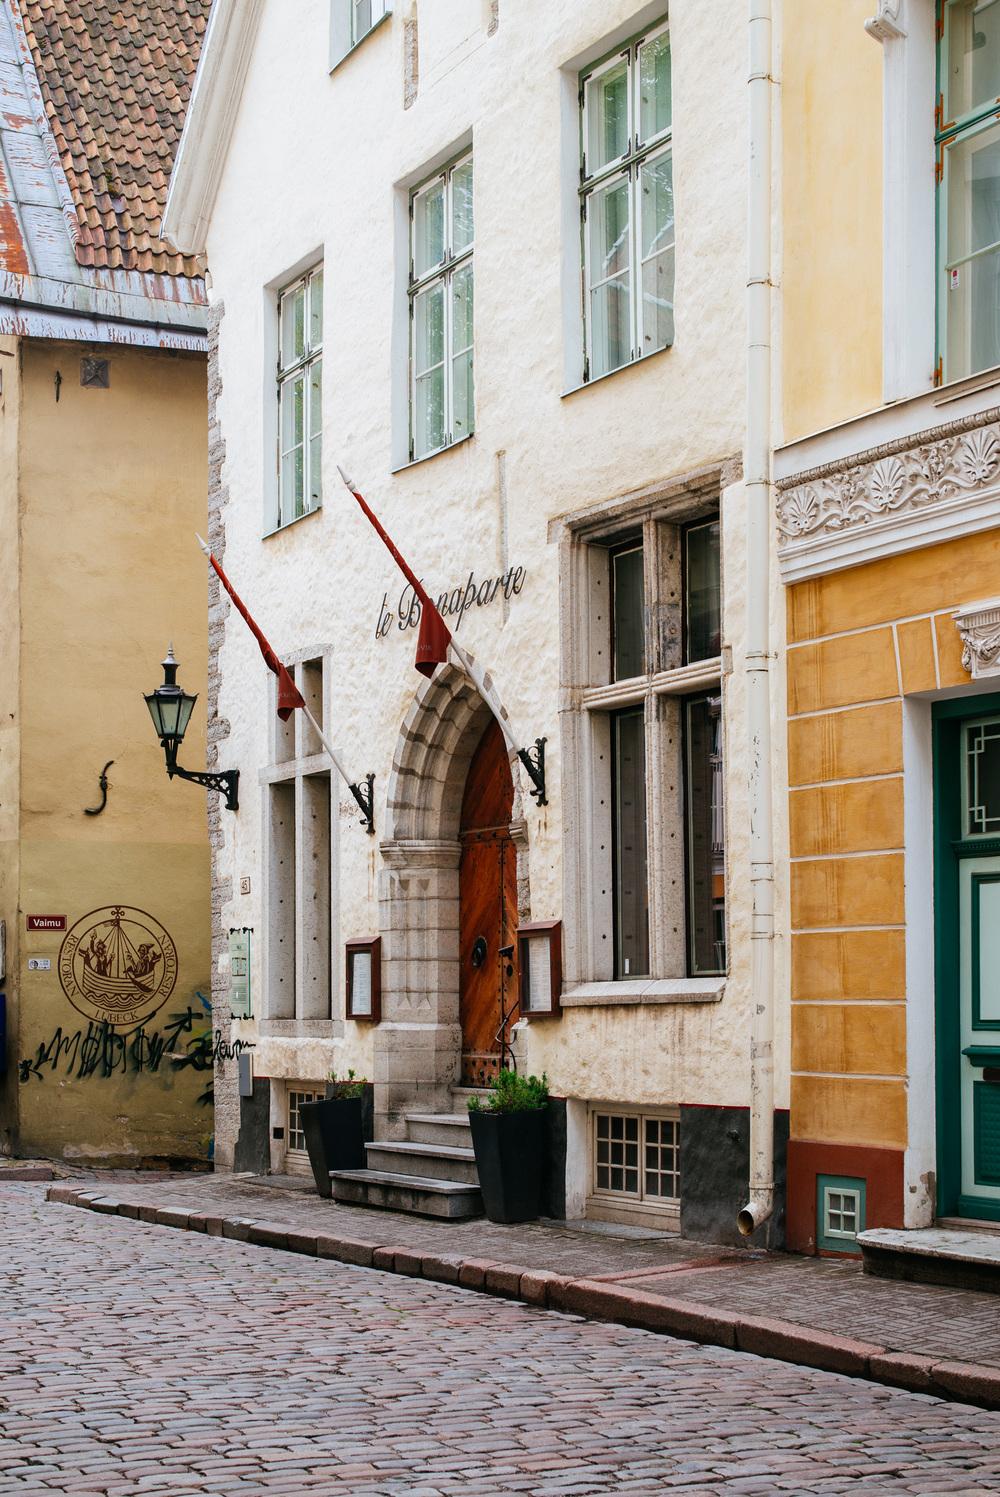 Pikk St, Old Town, Tallinn